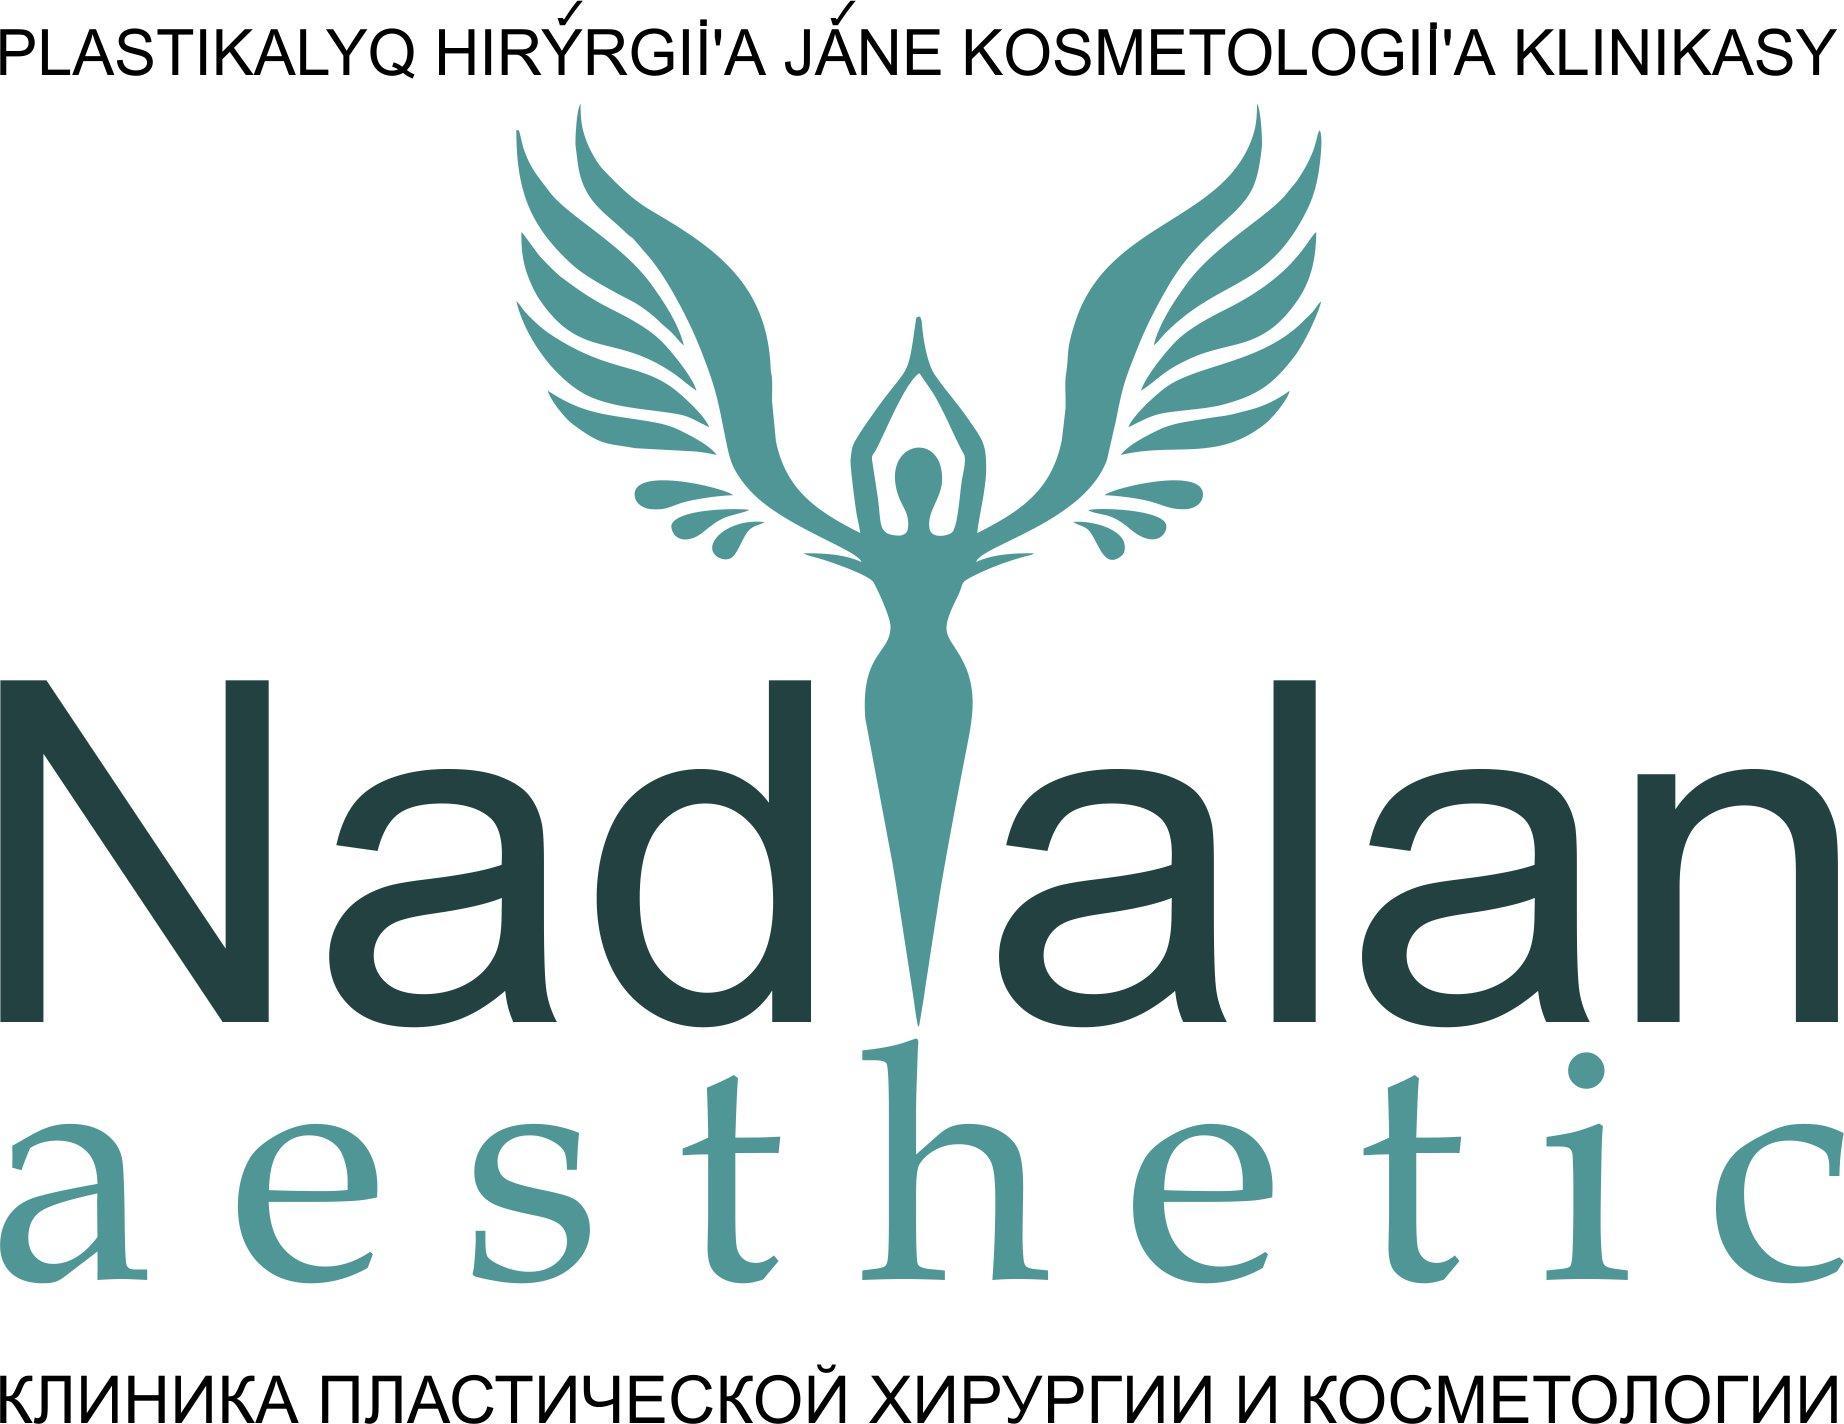 фотография Клиники пластической хирургии и косметологии Надиалан Эстетик